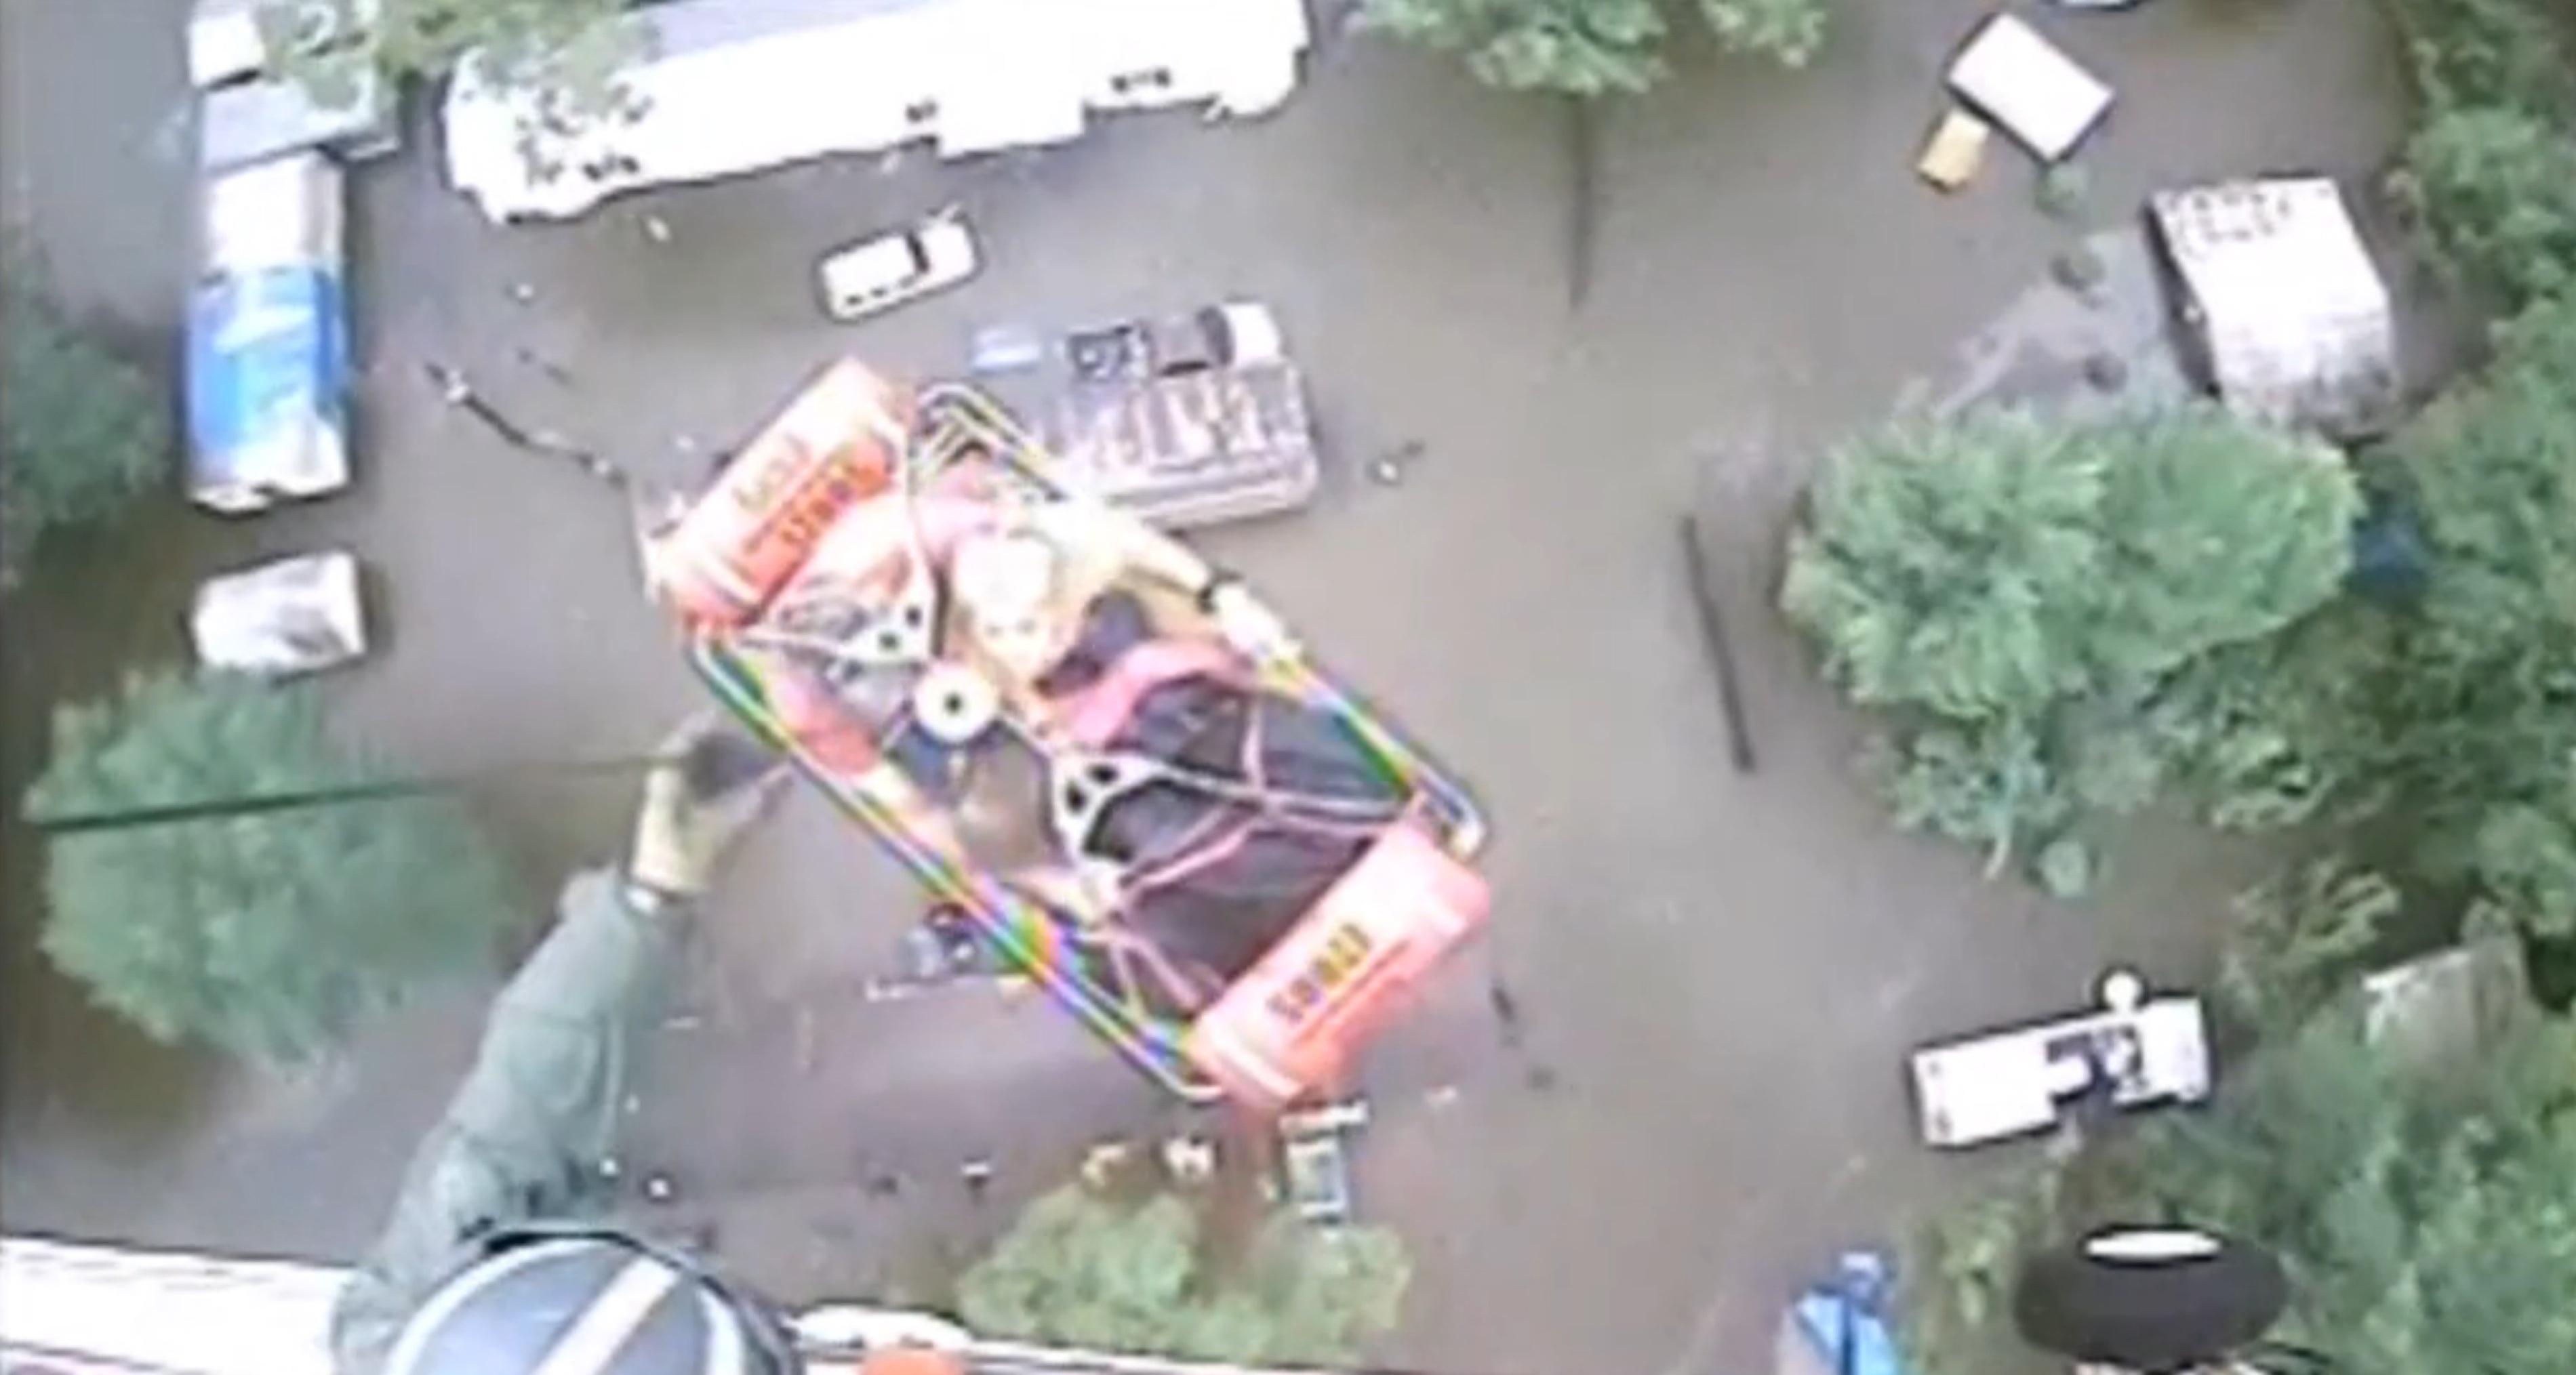 Lực lượng cứu hộ dùng trực thăng đưa những người mắc kẹt ra khỏi các ngôi nhà ngập lụt tới tận nóc.